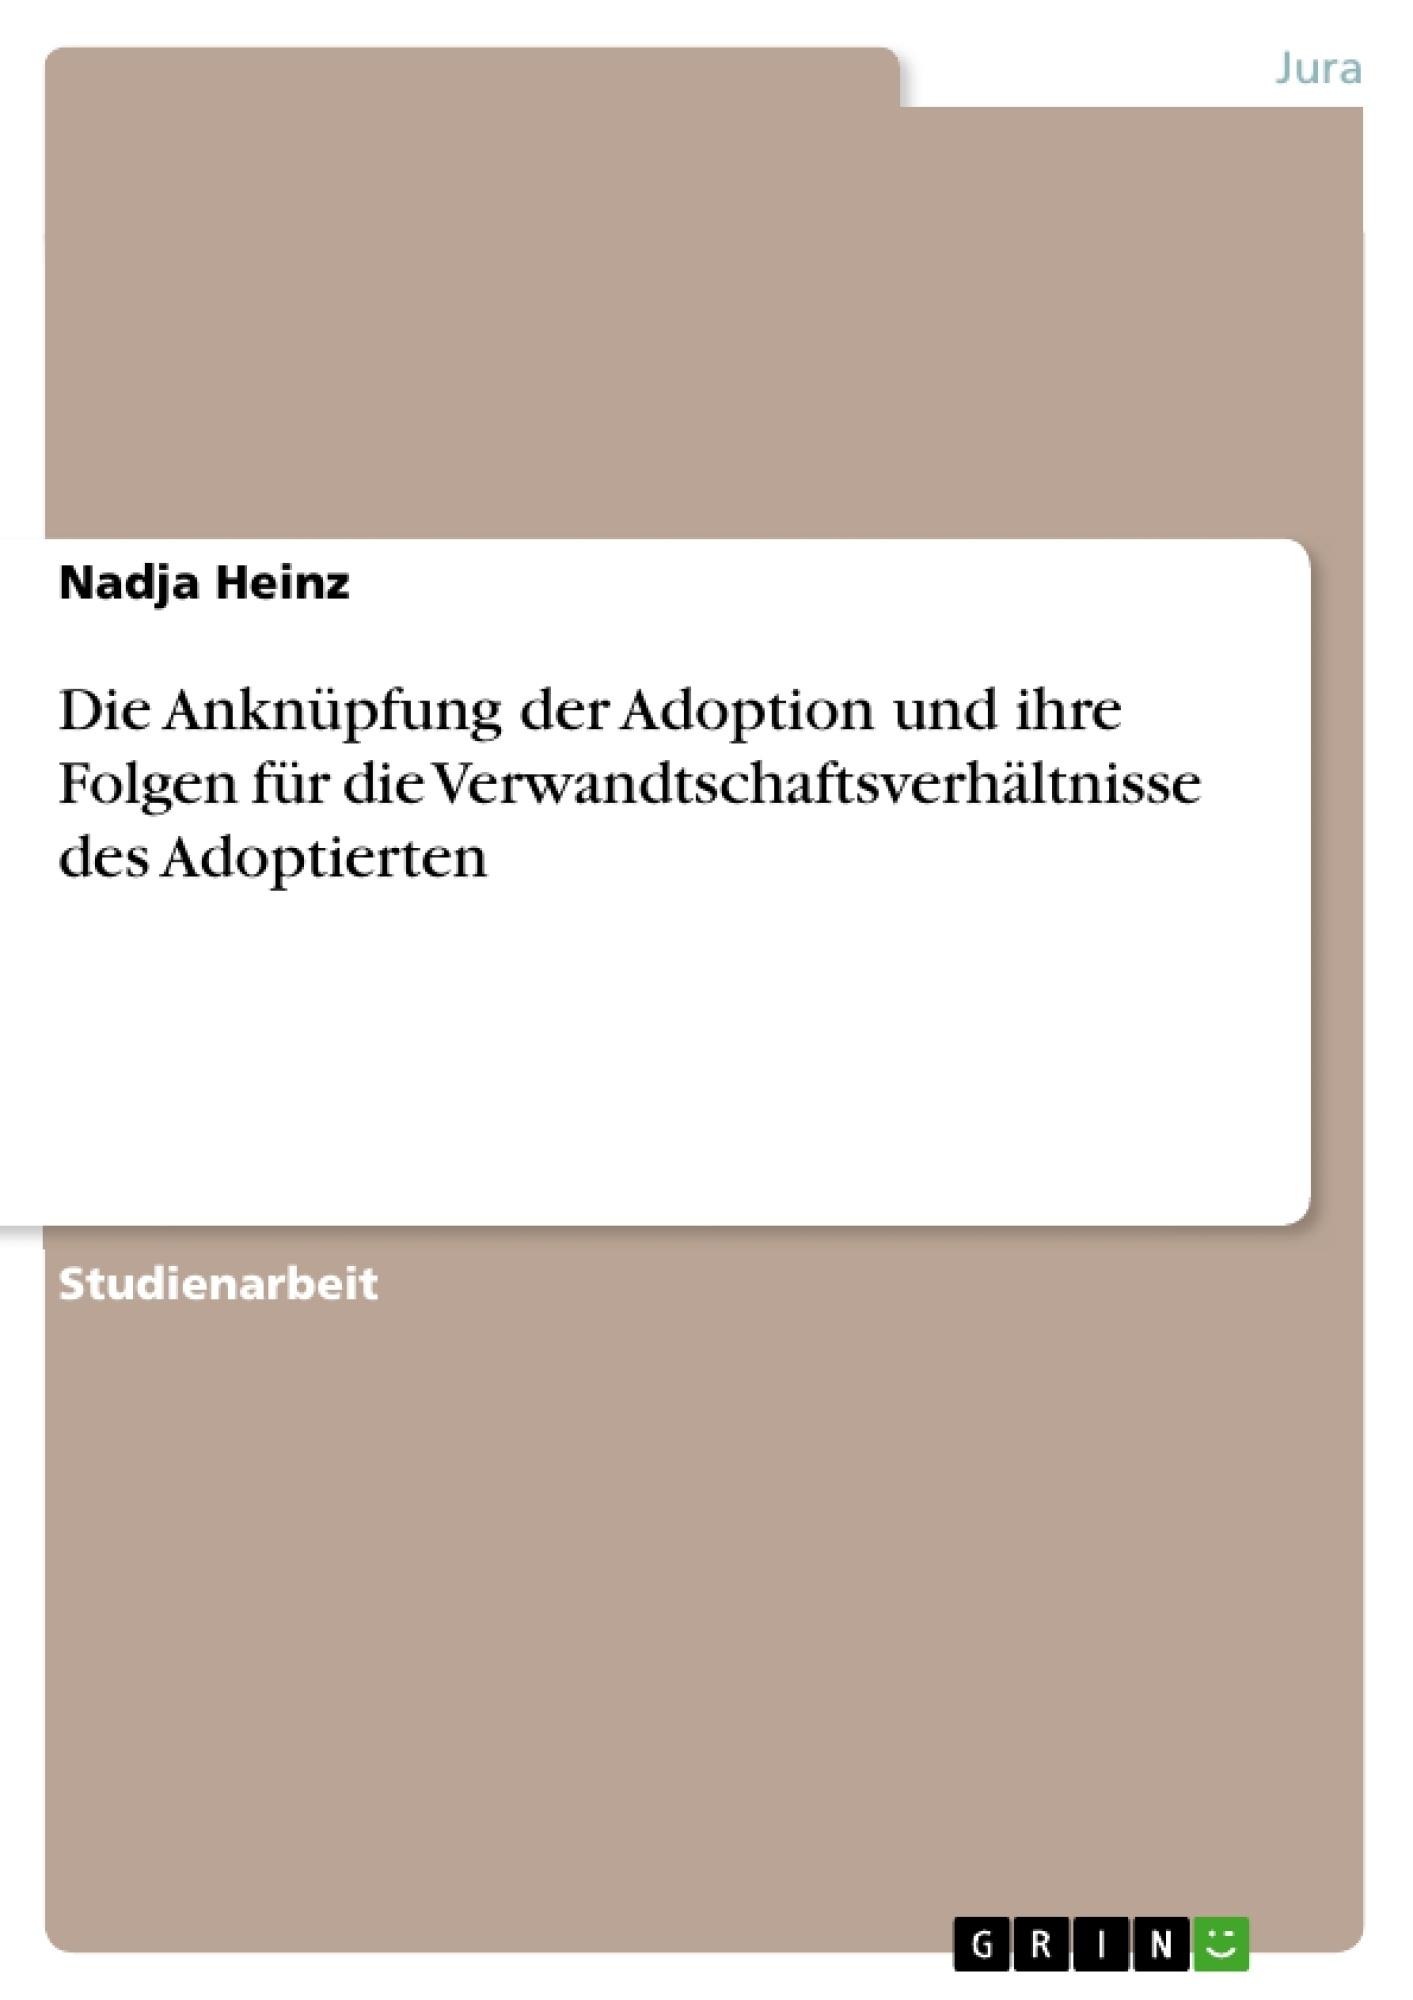 Titel: Die Anknüpfung der Adoption und ihre Folgen für die Verwandtschaftsverhältnisse des Adoptierten